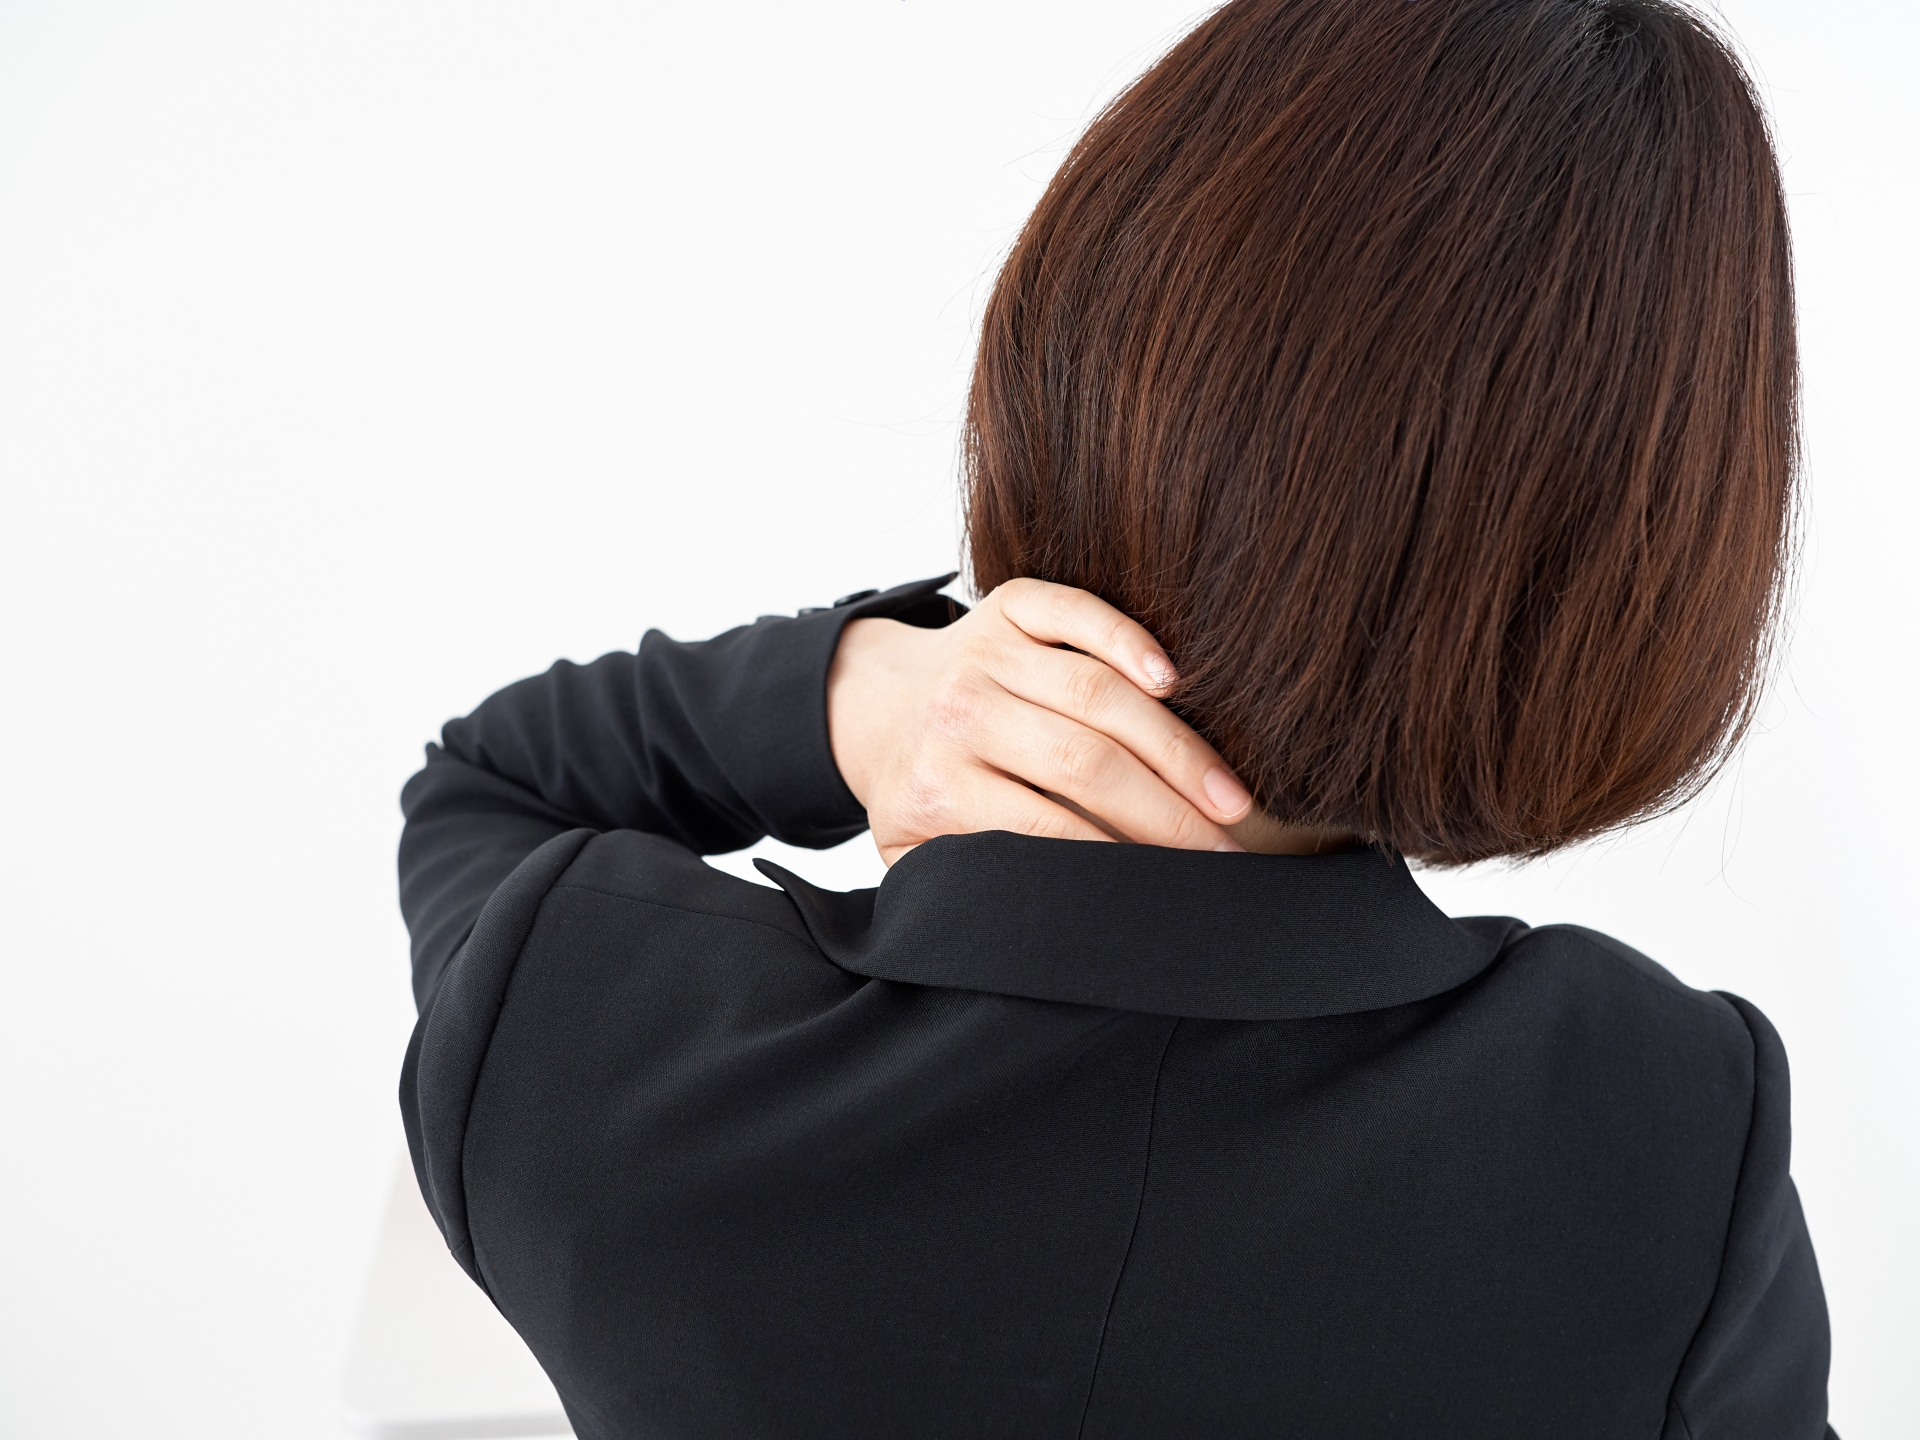 「おかもと弓削整骨院,」「四十肩,」「熊本市北区,」「整骨院,」「交通事故,」「骨盤矯正,」「腰痛,」「肩こり,」